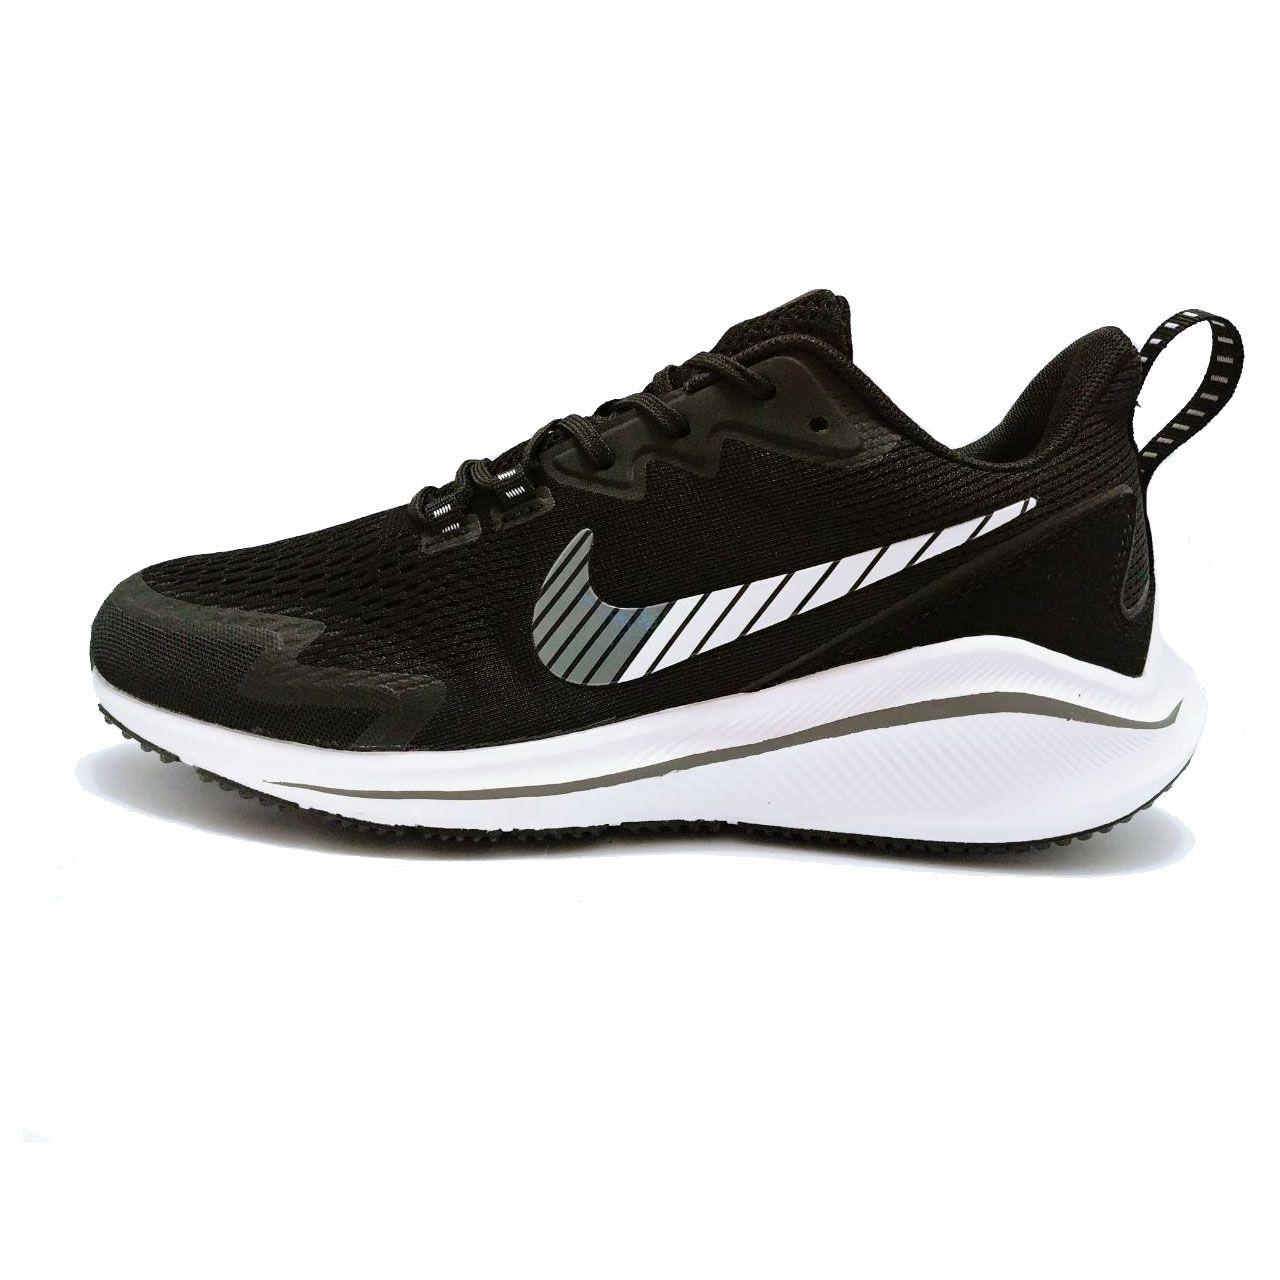 قیمت کفش مخصوص پیاده روی مردانه نایکی مدل air zoom vomero